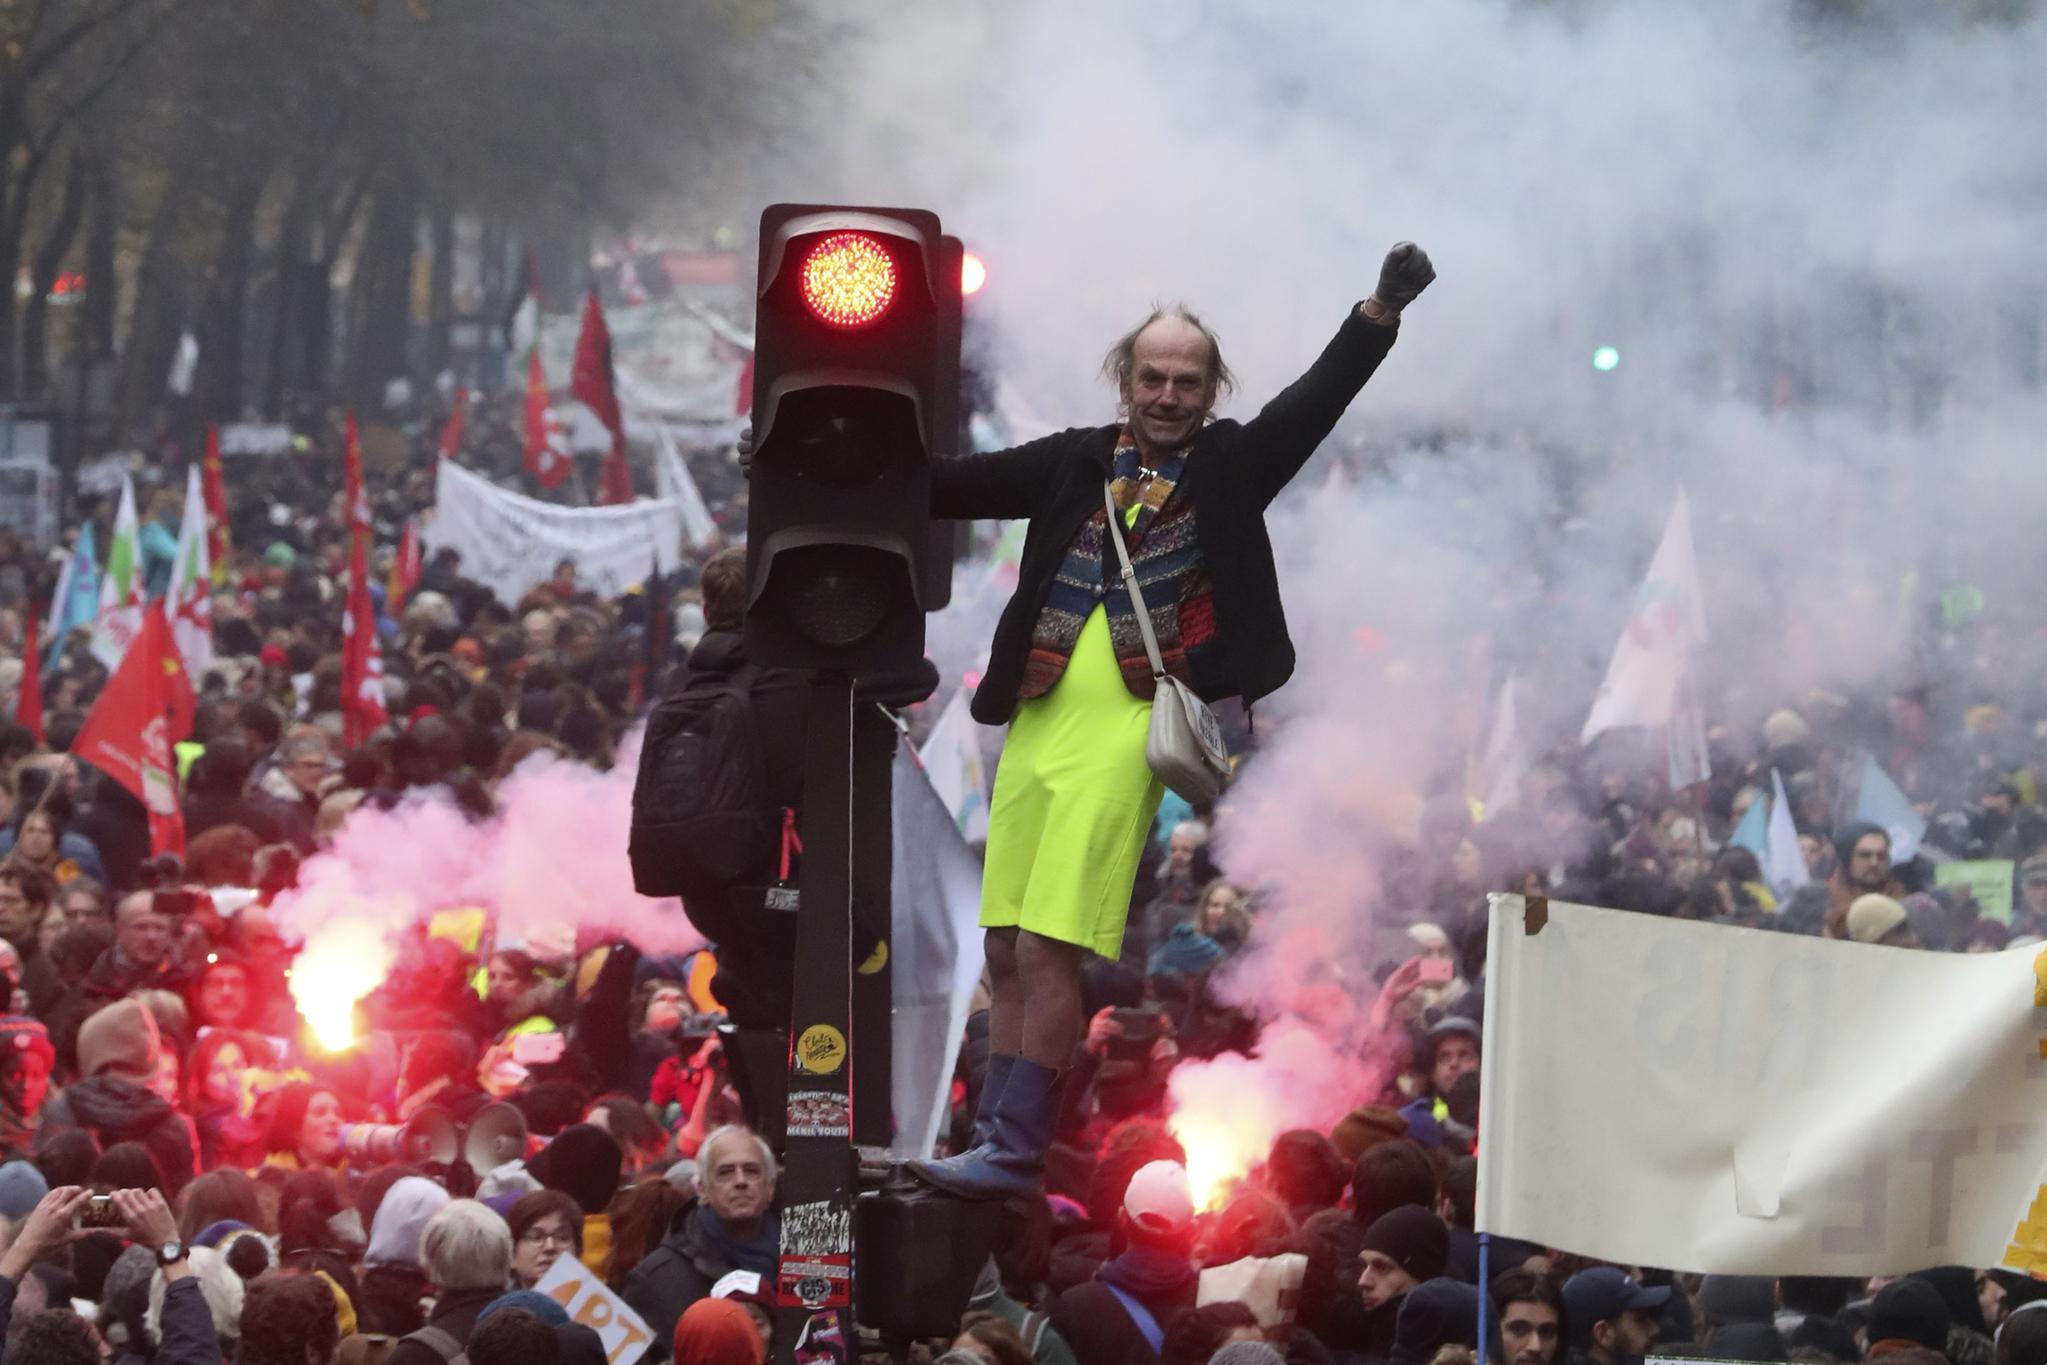 한 시위자가 5일(현지시간) 프랑스 파리에서 열린 연금개편 반대 집회에 참가해 교통신호등 위에 서 있다. [AP=연합뉴스]